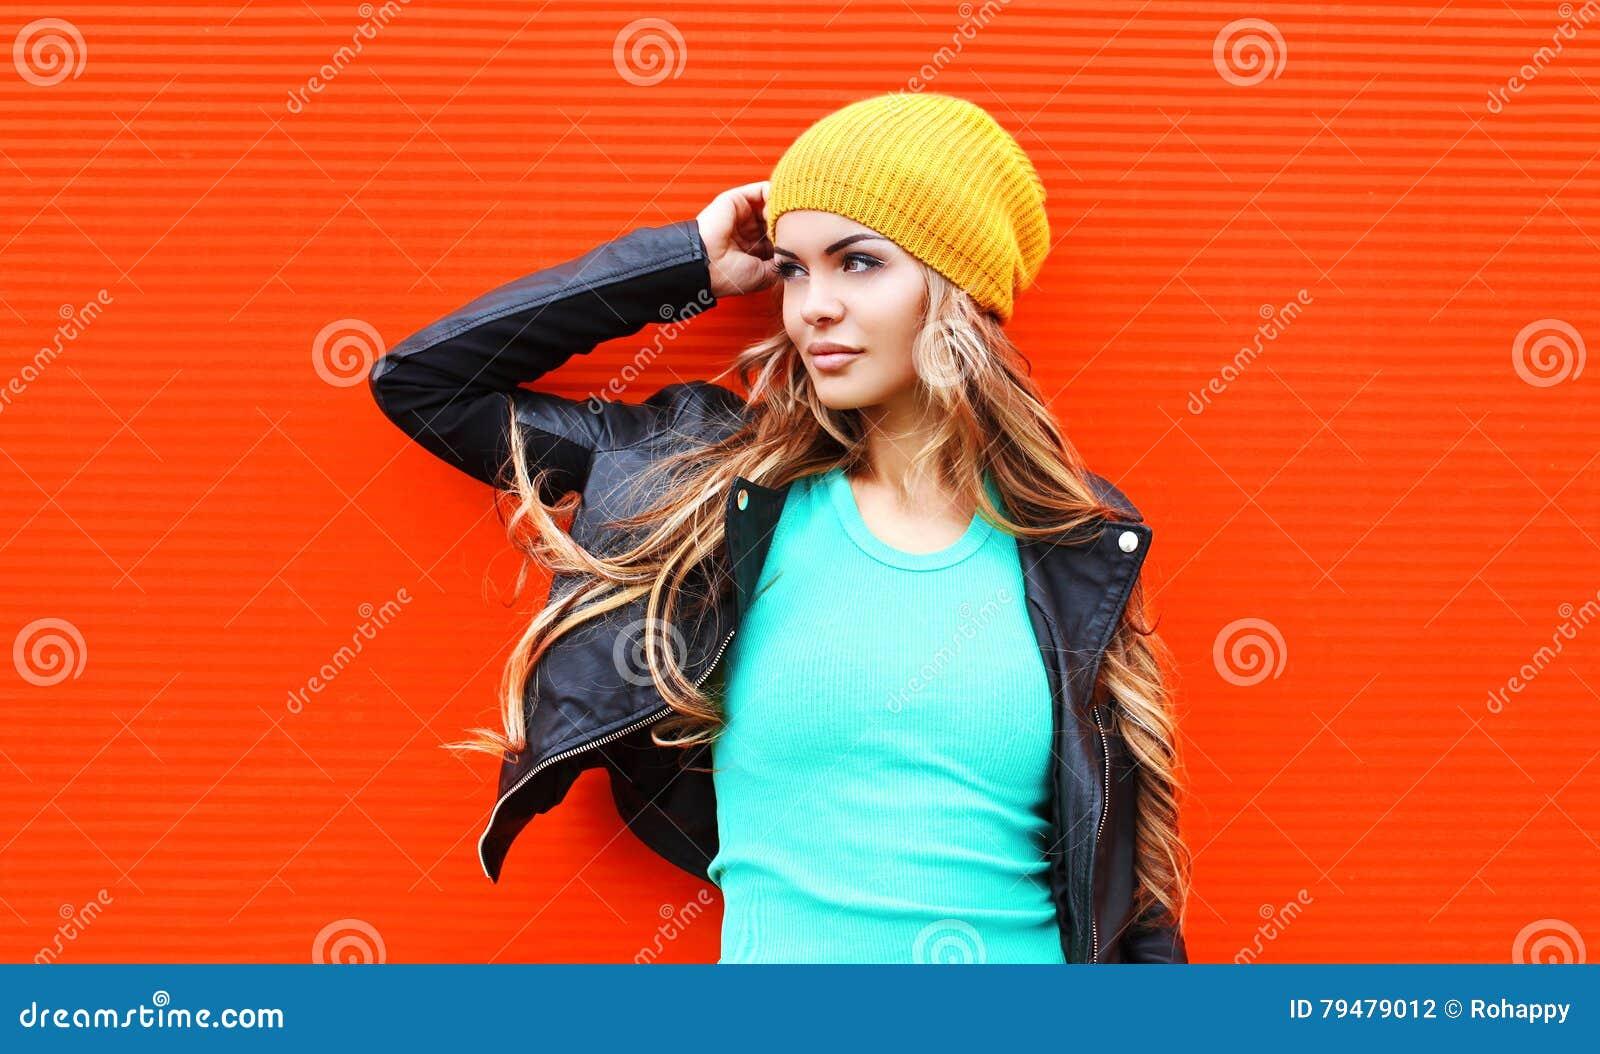 Fasonuje ładnej młodej blondynki kobiety jest ubranym kurtki kapeluszowy patrzeć w profilu nad kolorową czerwienią